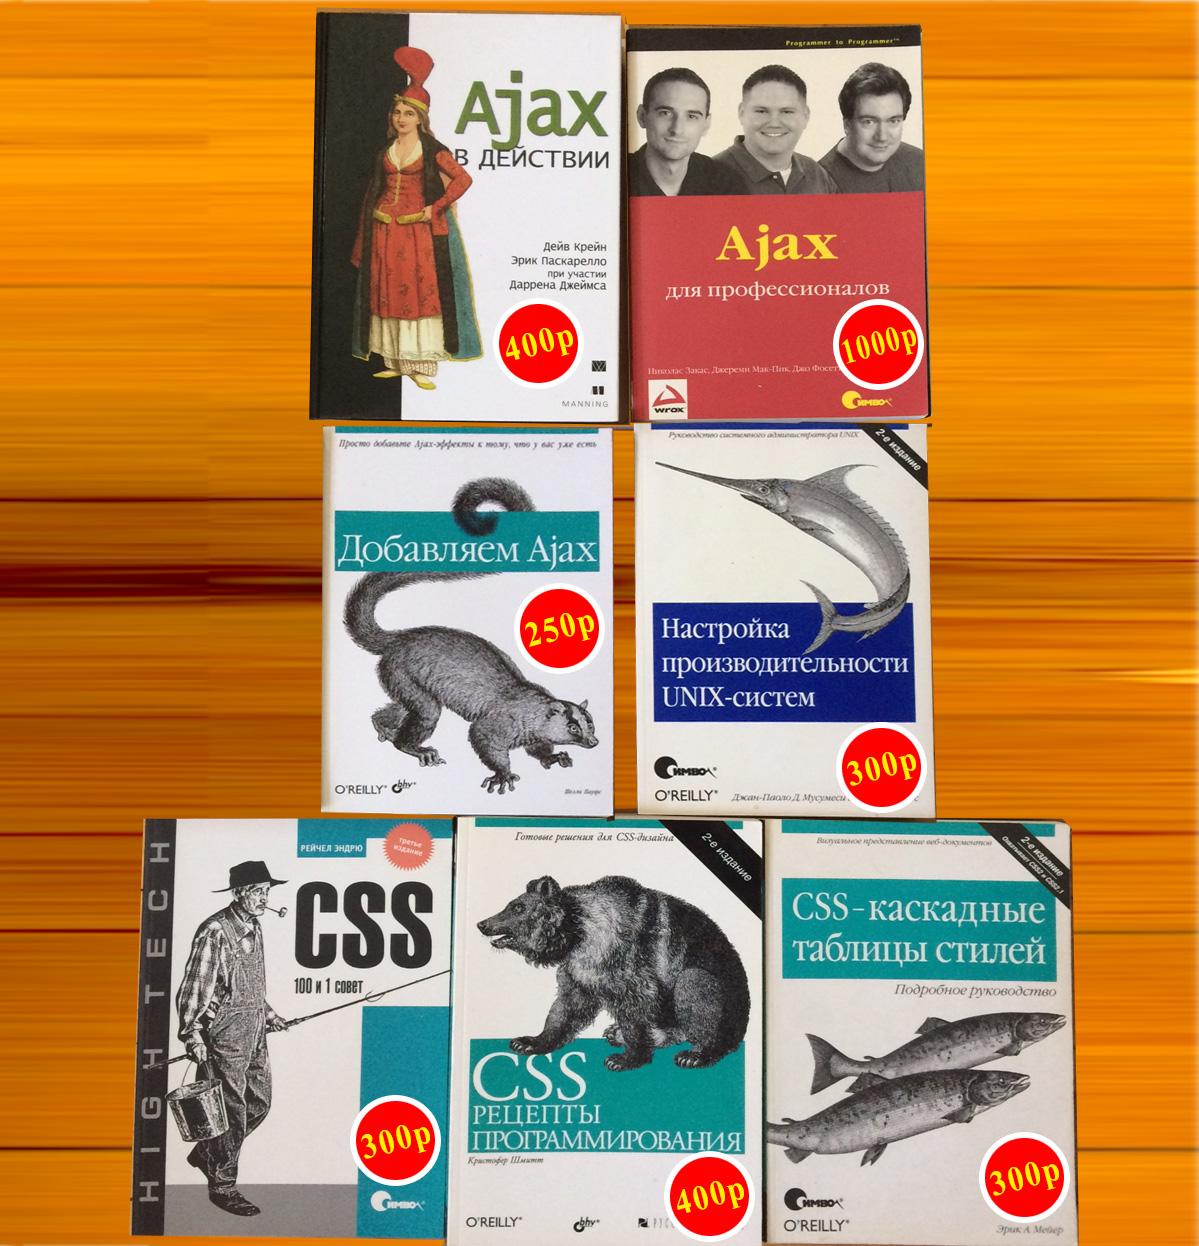 Книги по Ajax, Unix, CSS